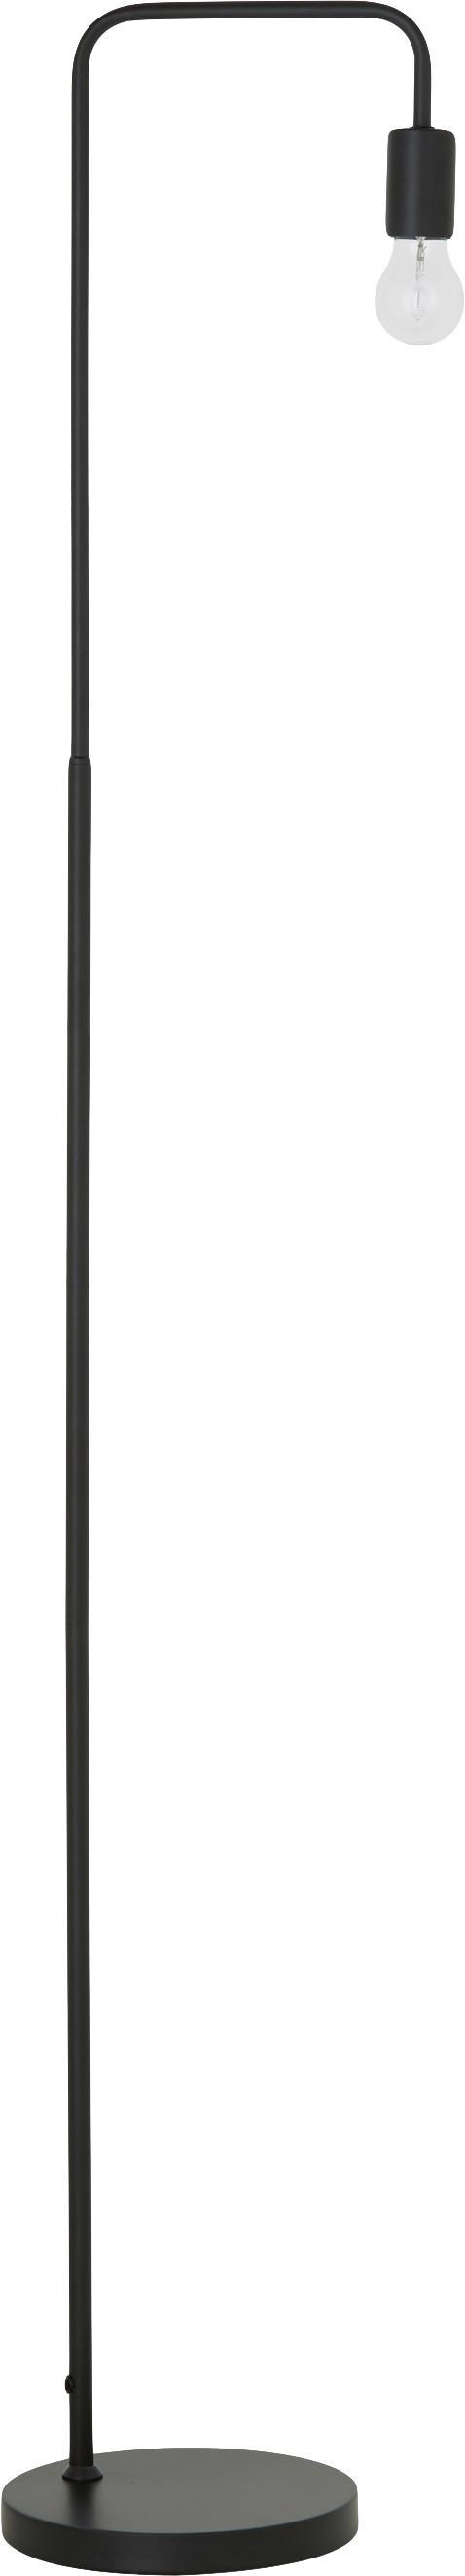 Lampa podłogowa Flow, Czarny, czarny, S 33 x W 153 cm